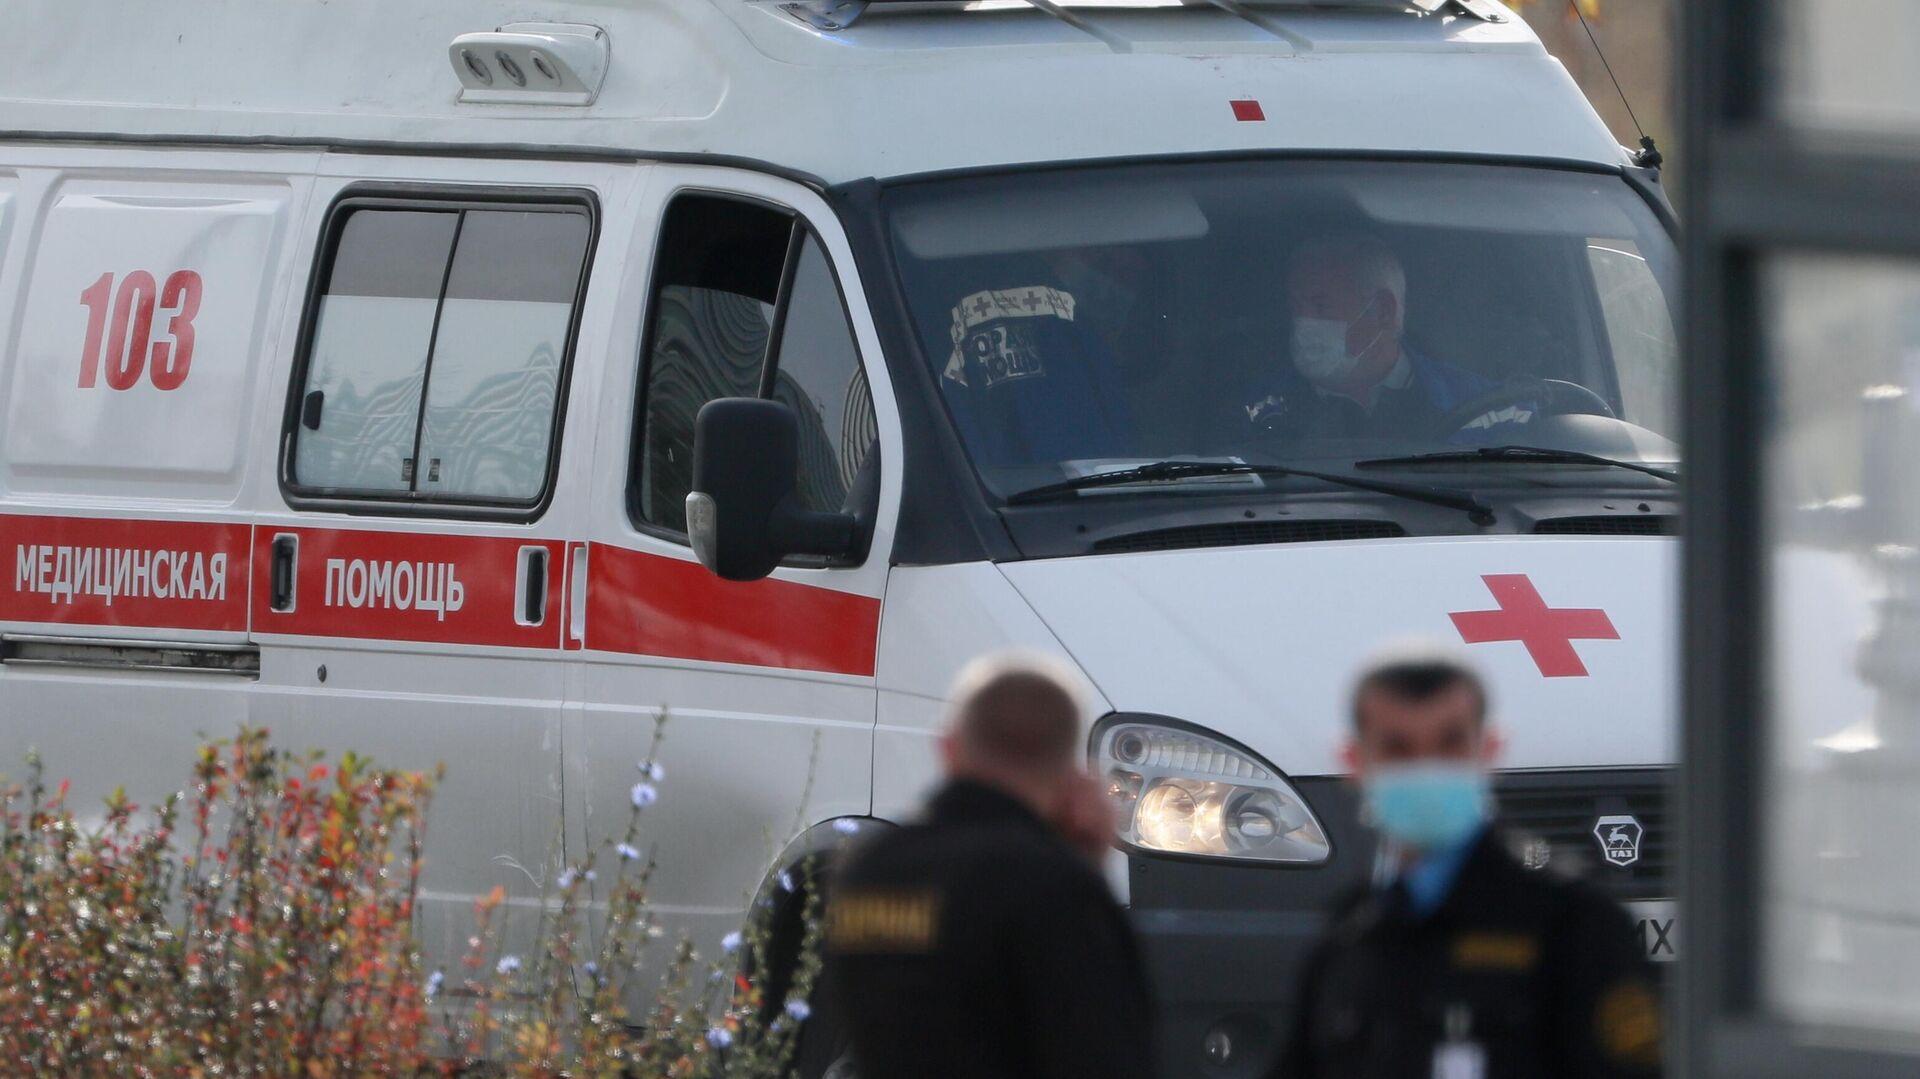 Машина скорой медицинской помощи возле карантинного центра в Коммунарке - РИА Новости, 1920, 04.11.2020